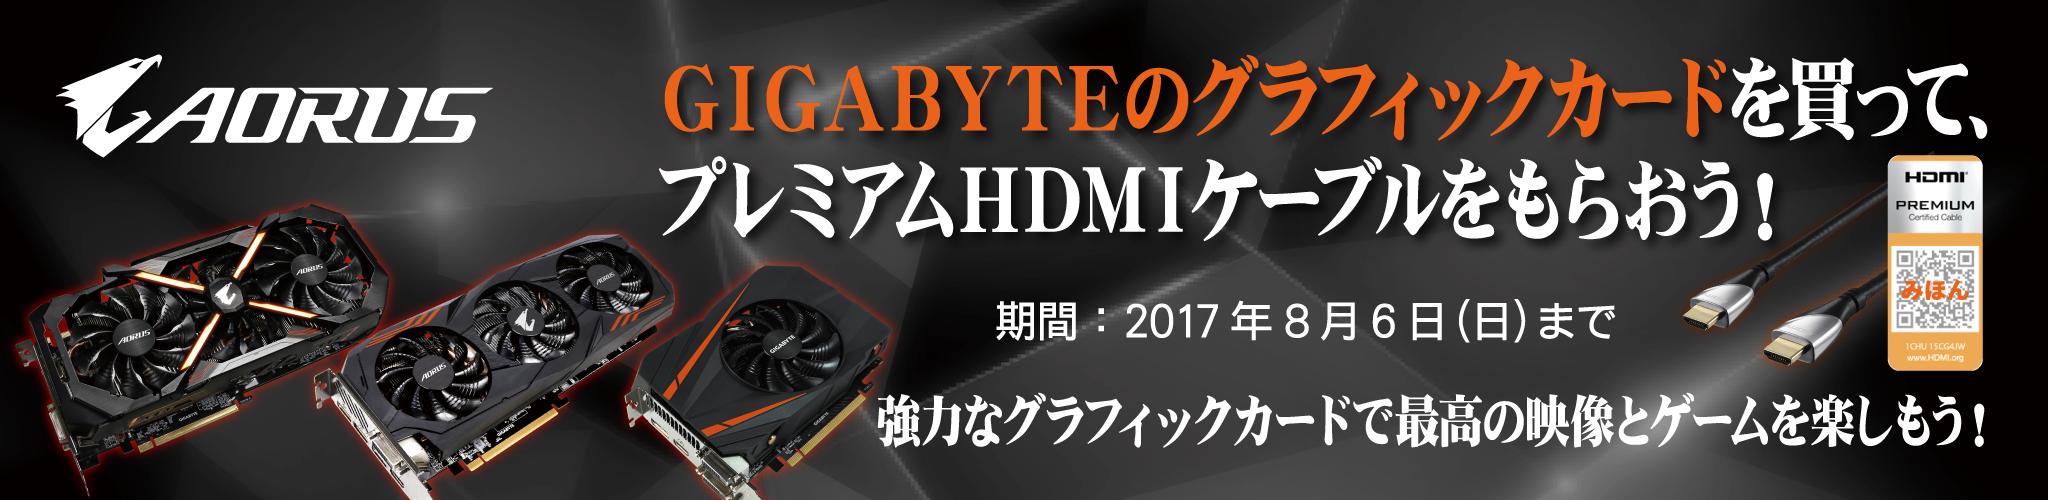 GIGABYTEのグラフィックカード購入でプレミアムなHDMIケーブルを貰おうキャンペーンが開催中!